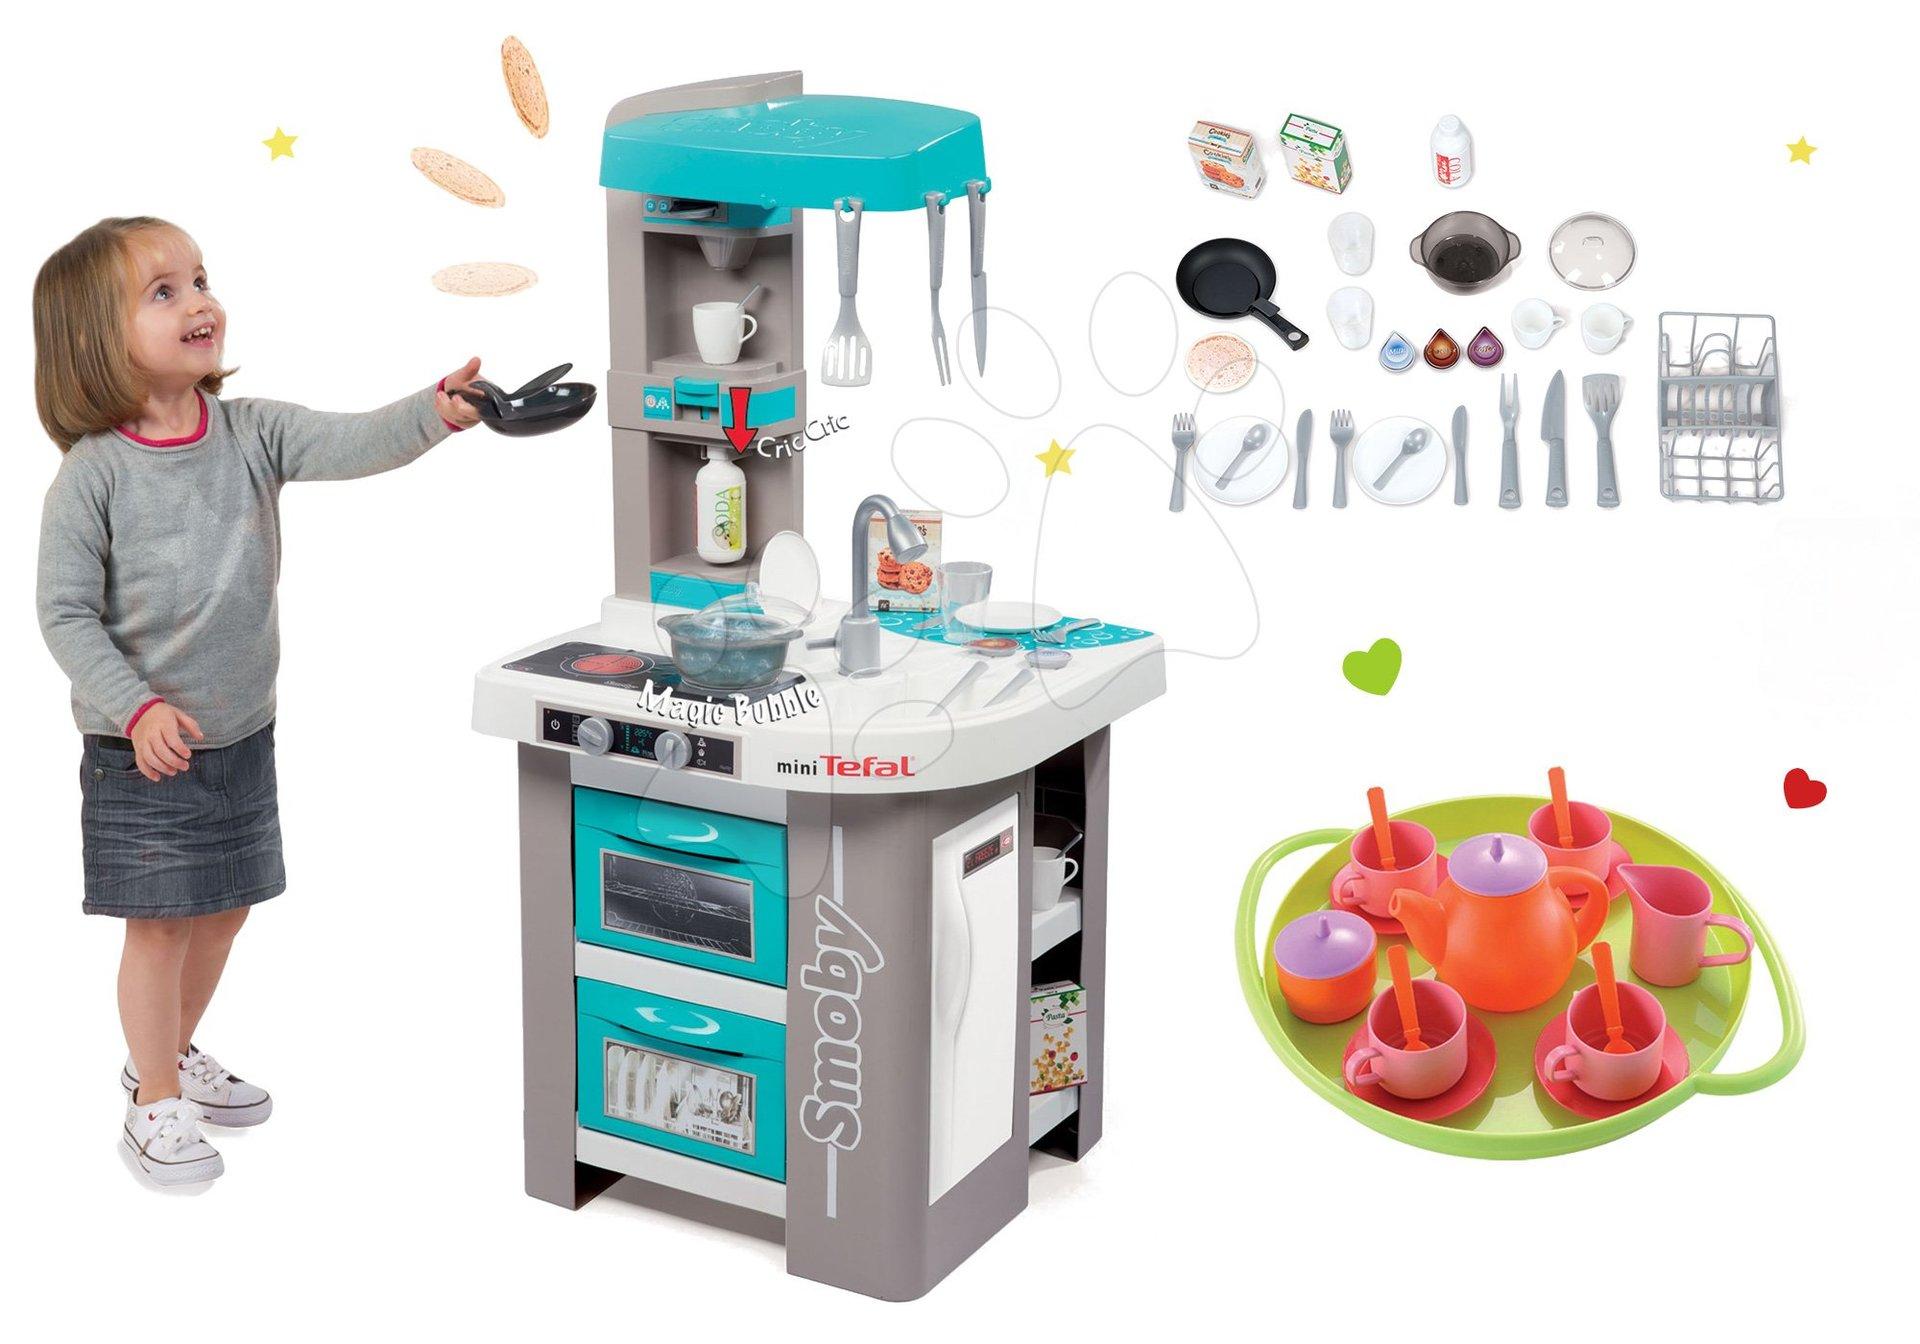 Smoby set elektronická kuchynka Tefal Studio Bubble tyrkysová a čajová sada s doplnkami 311023-1